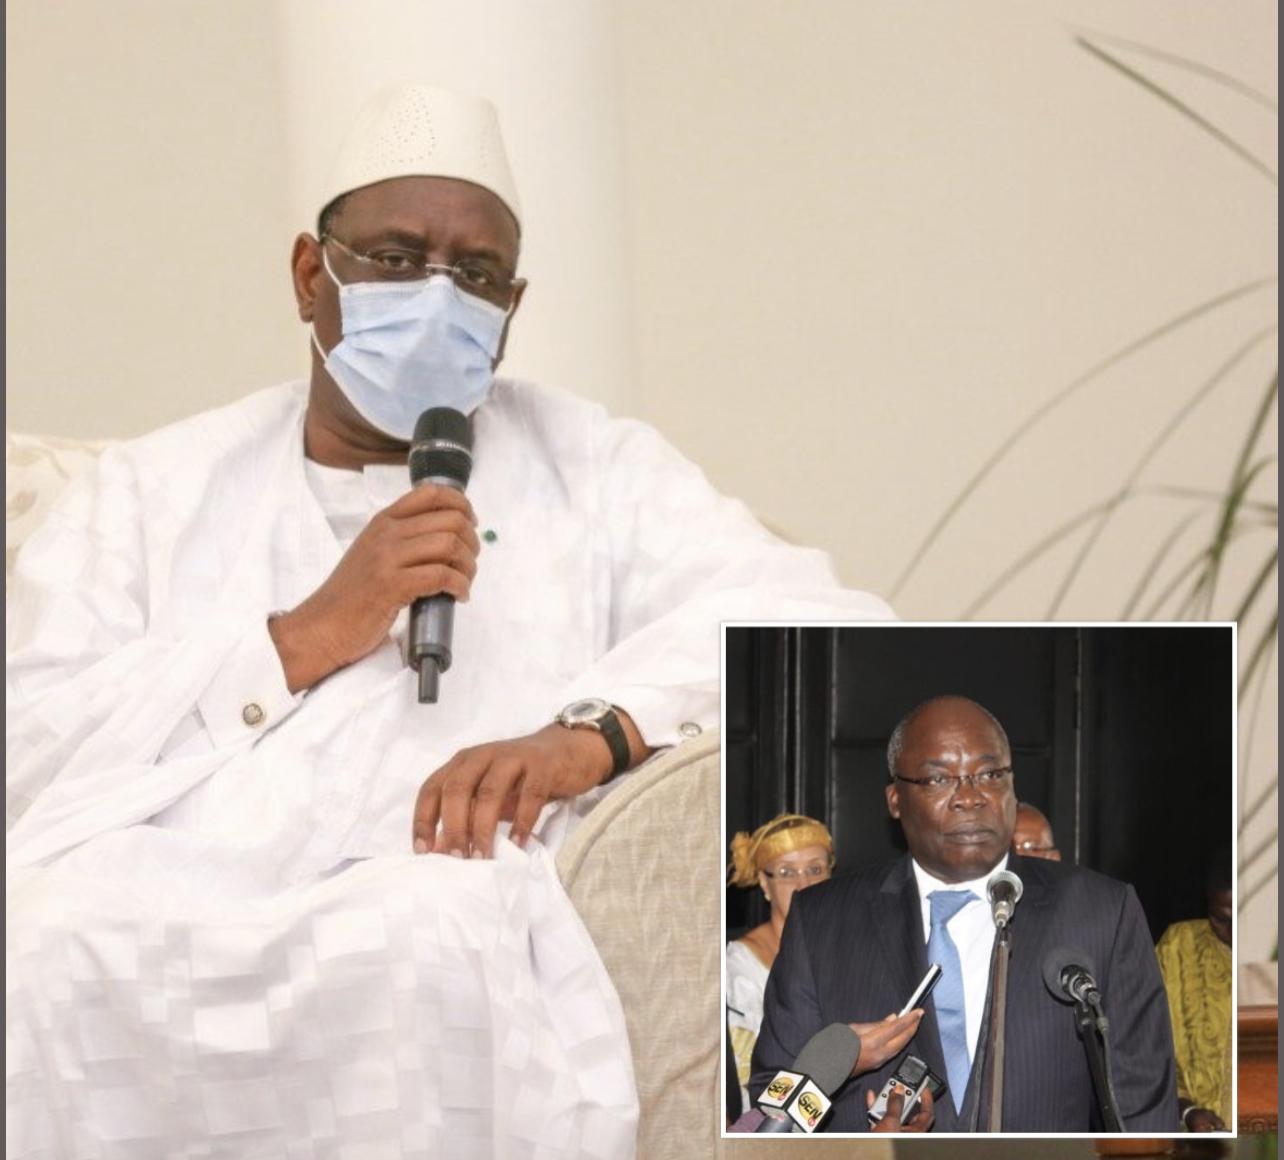 Décès de l'ancien ministre Abdou Aziz Mbaye : La réaction du président Macky Sall.